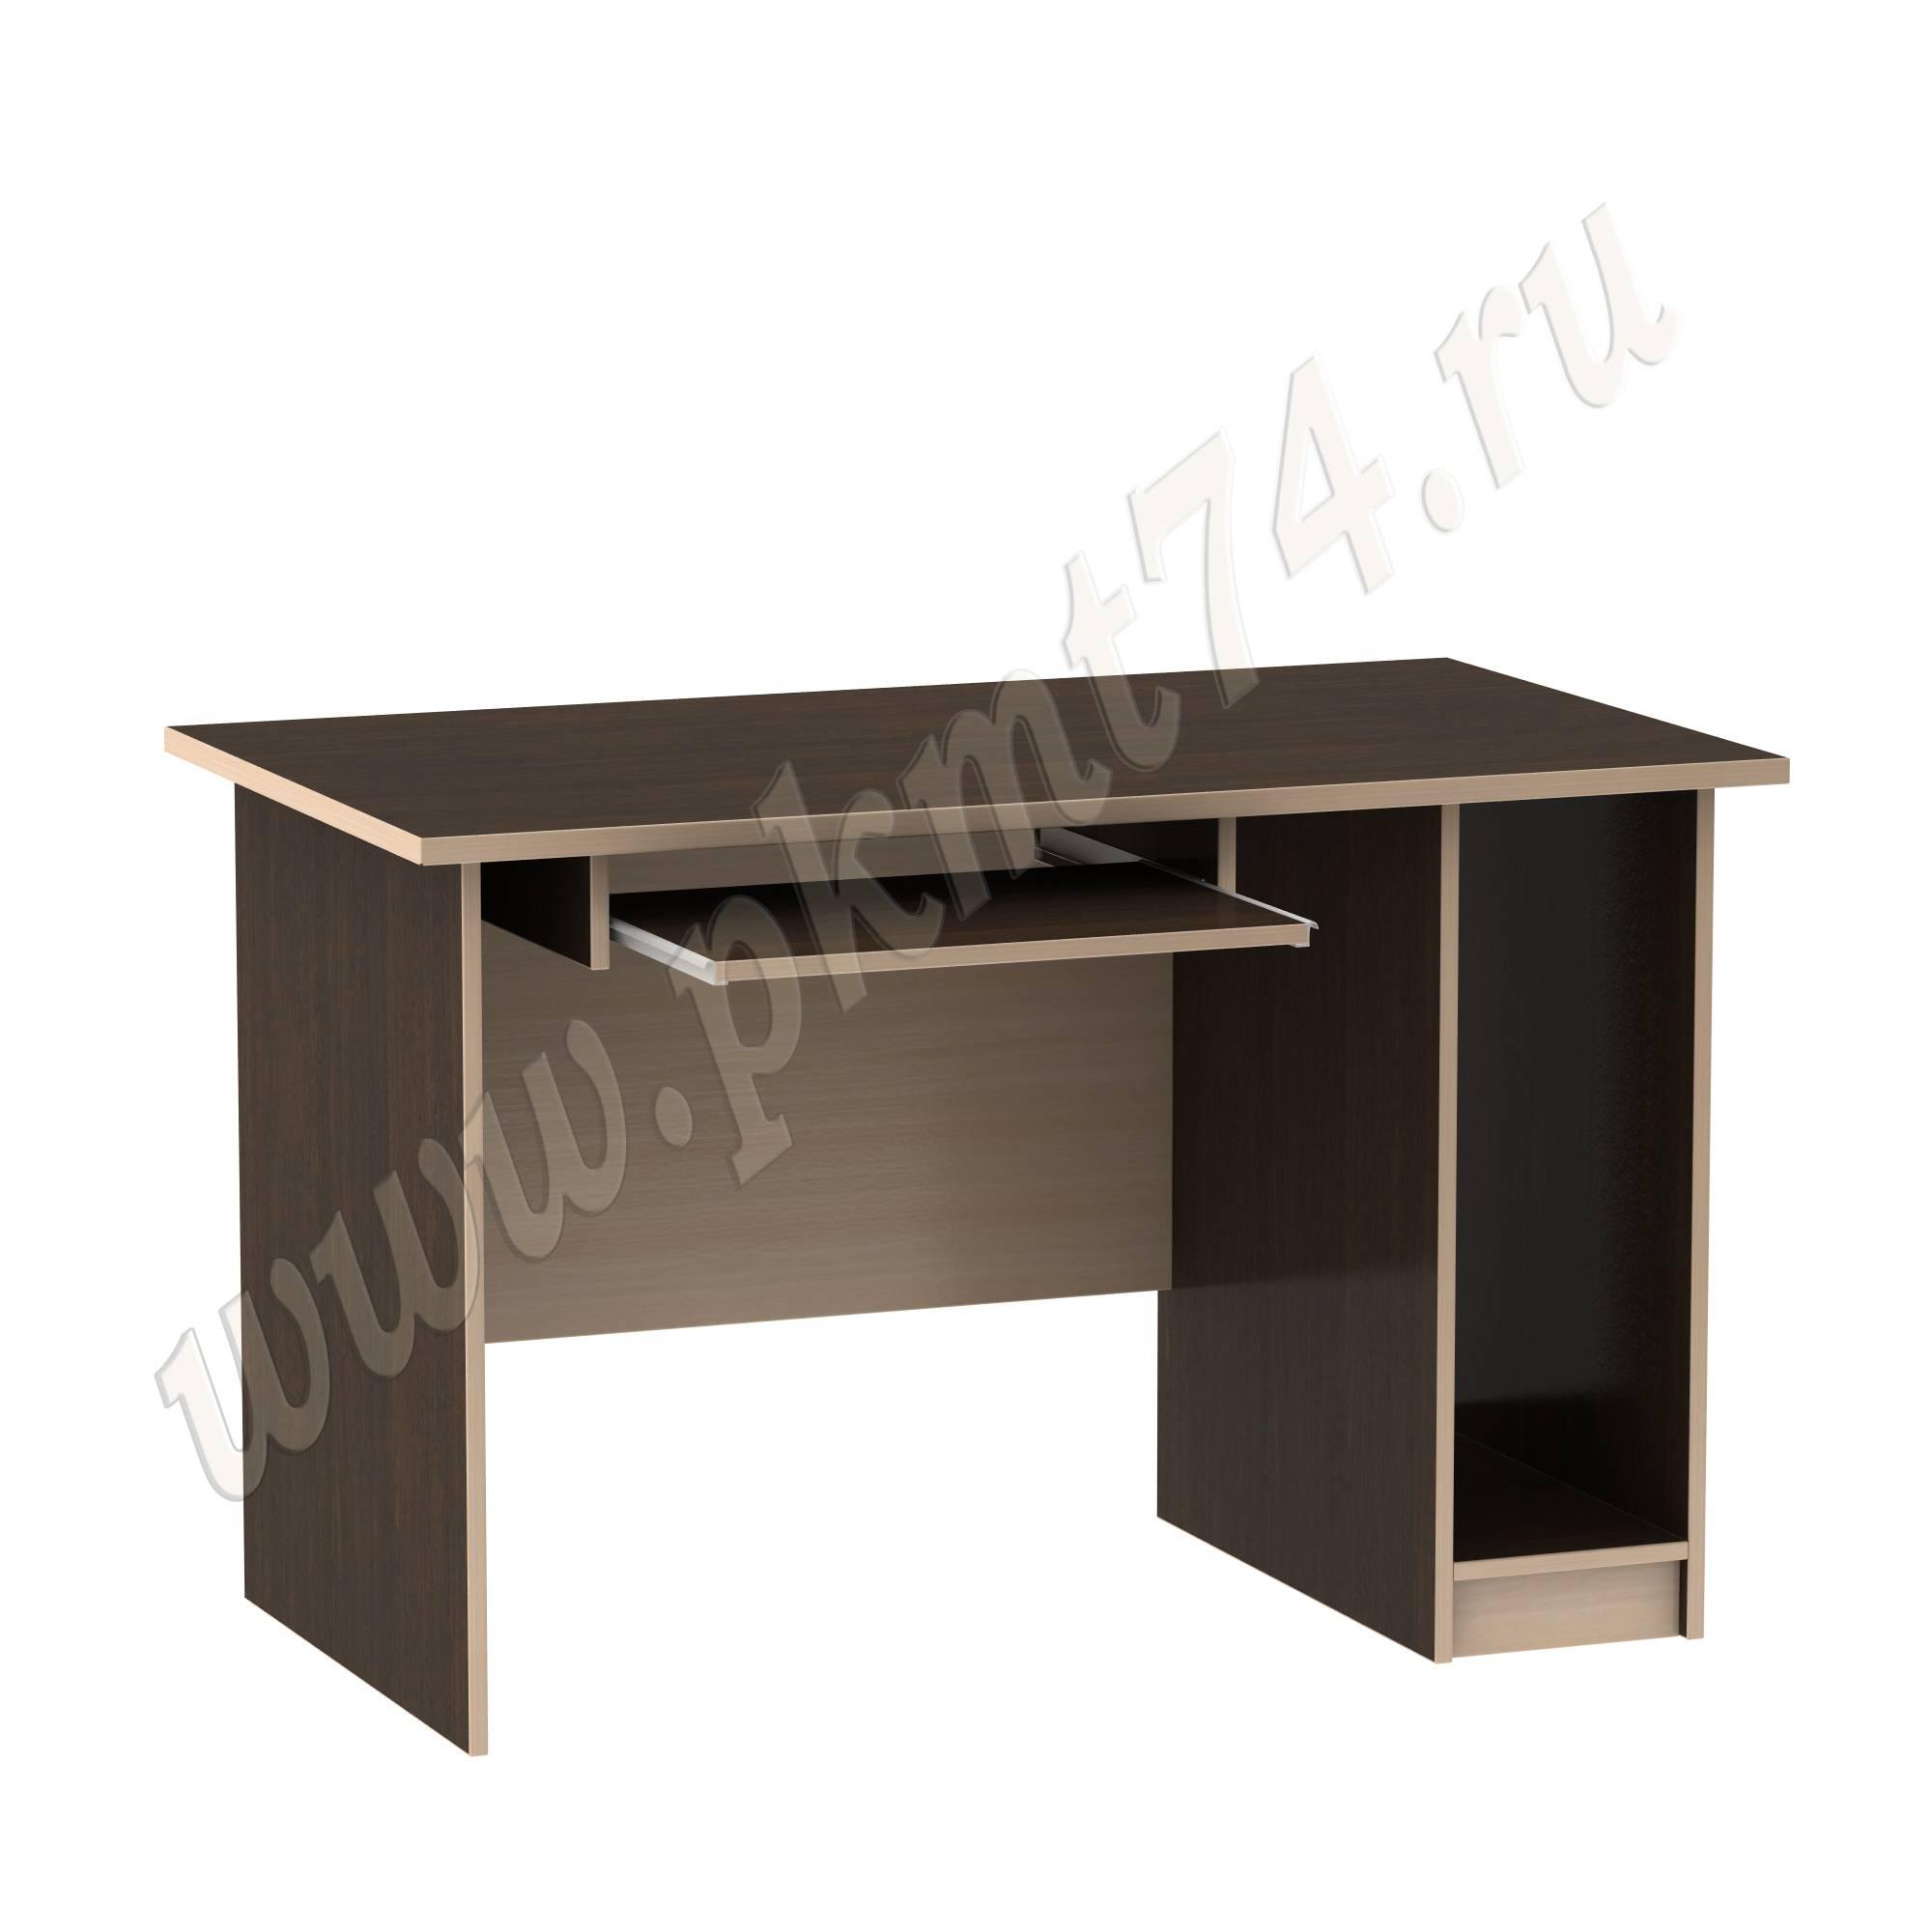 Стол офисный с подставкой под системный блок [Стандартный цвет:: Орех; Цвета ЛДСП на выбор:: Венге-Молочный]